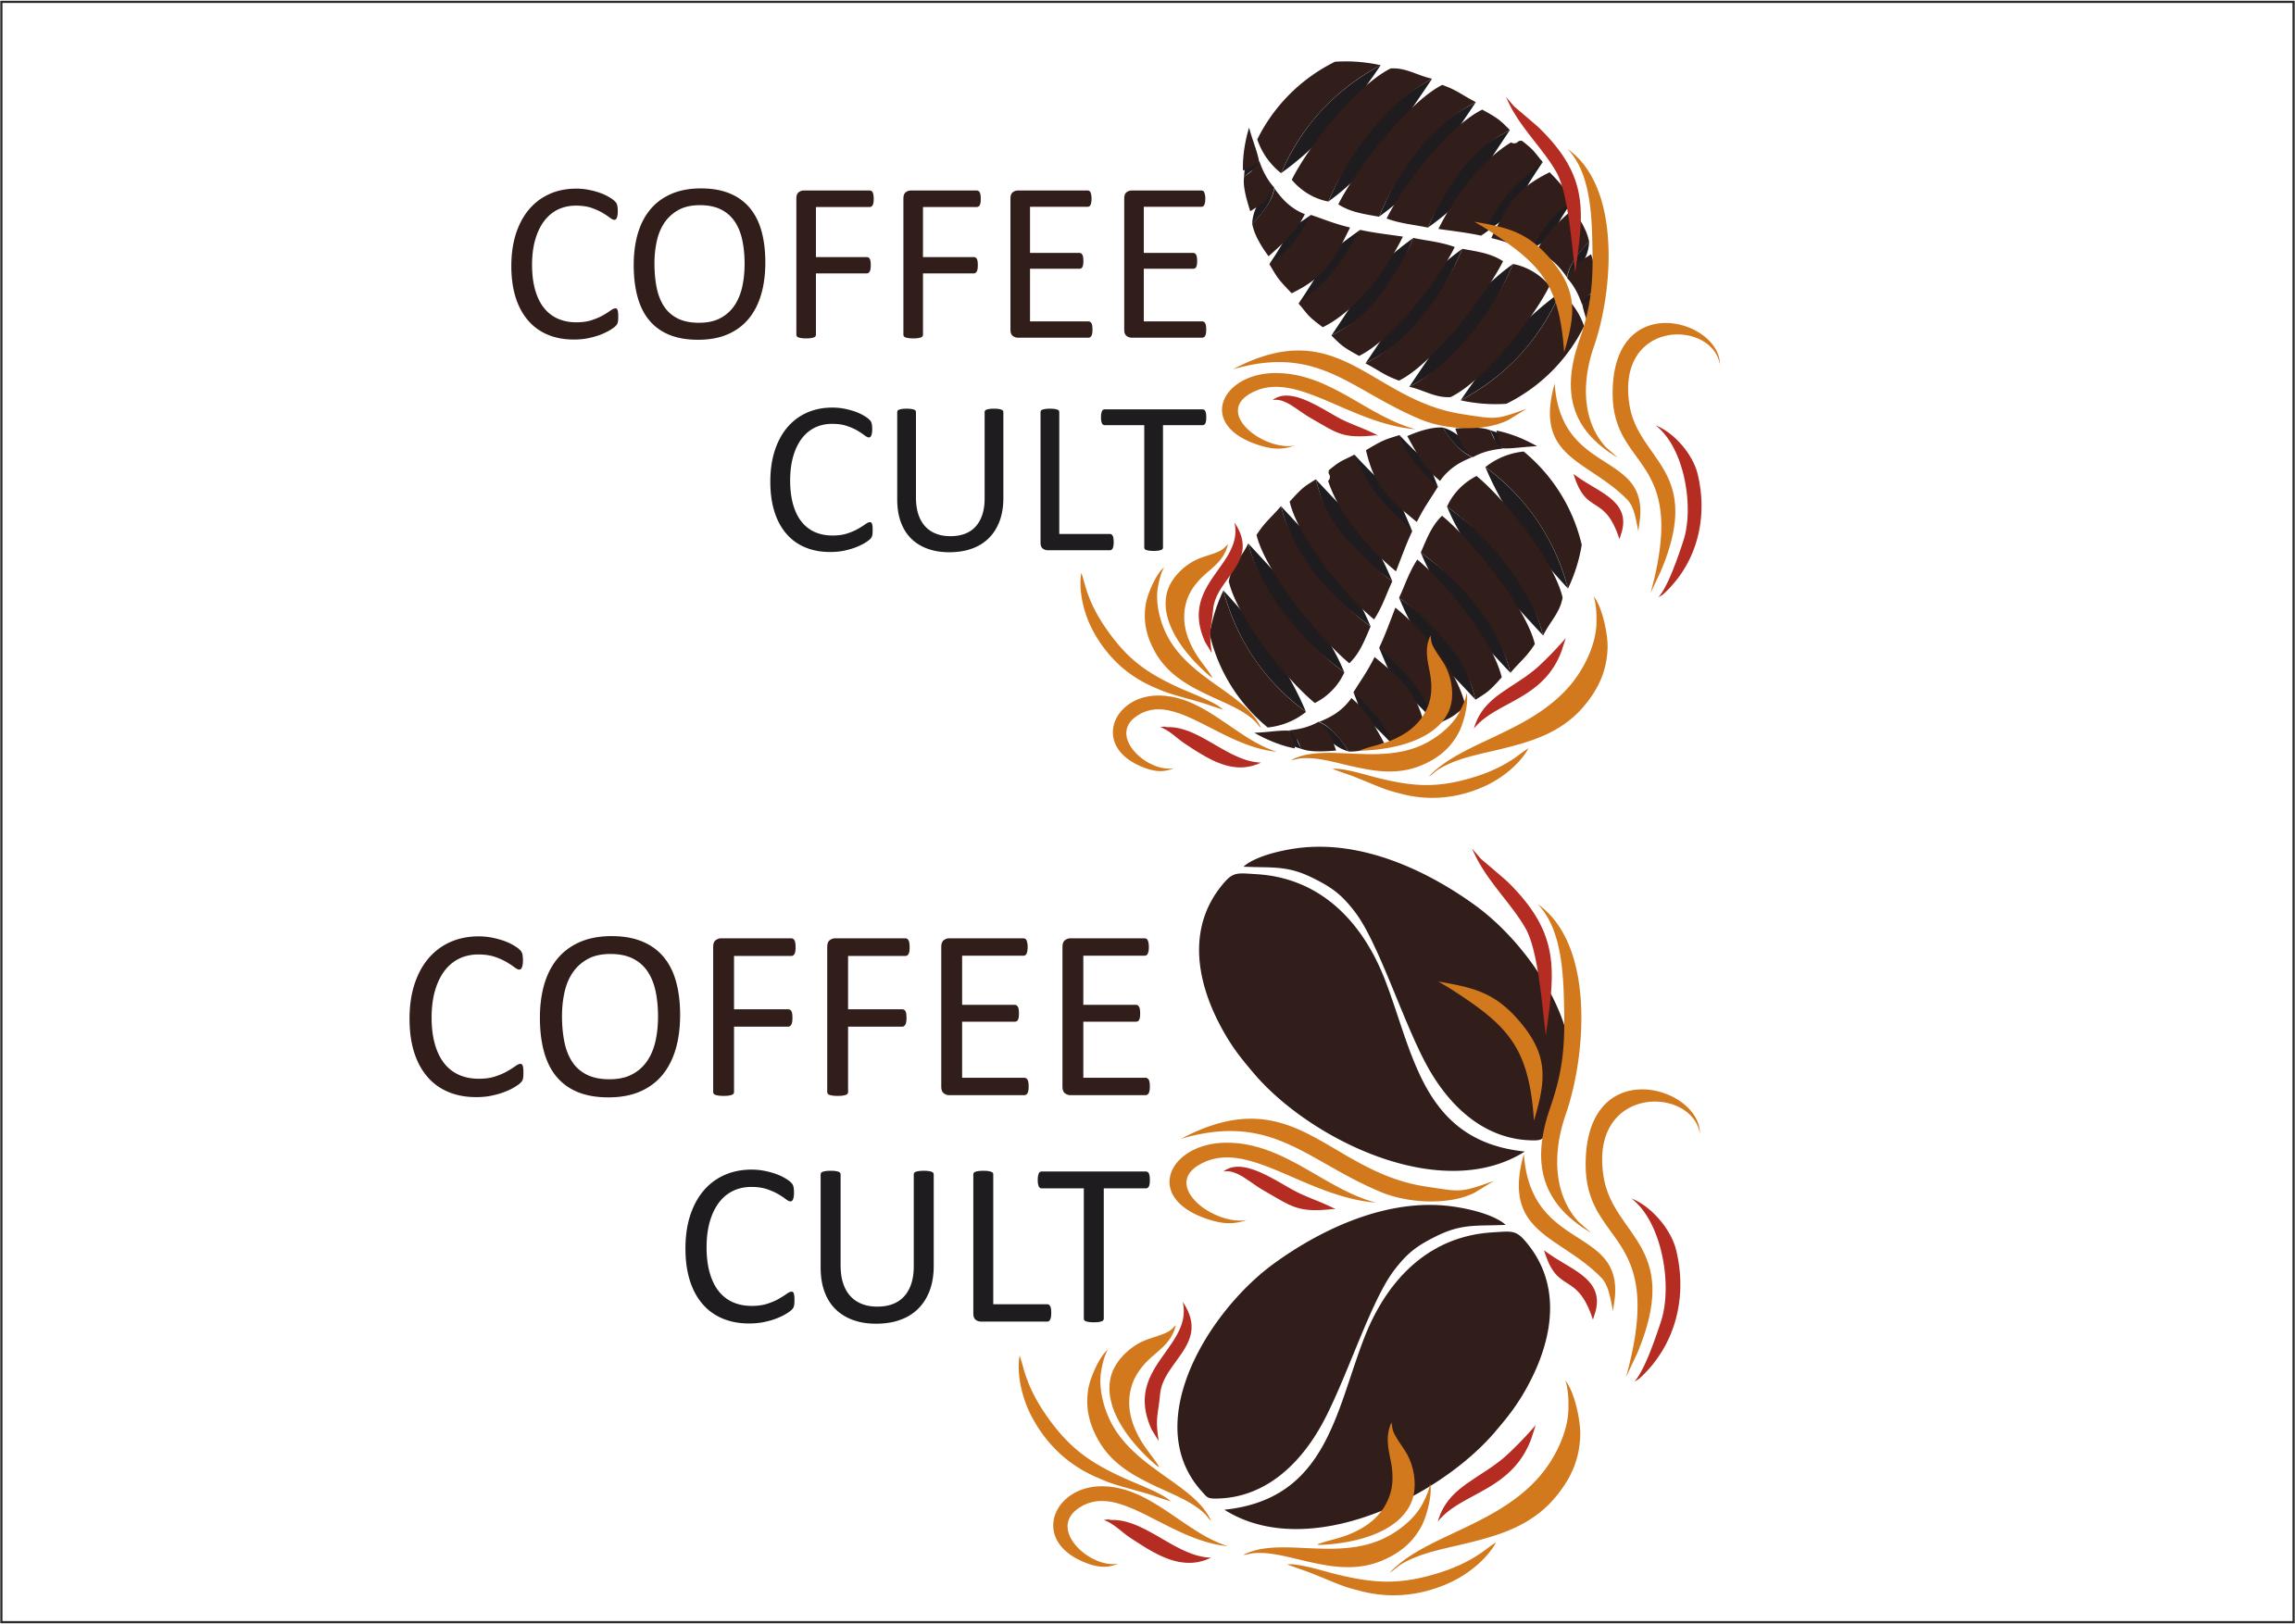 Логотип и фирменный стиль для компании COFFEE CULT фото f_8795bc63551d9b5e.png